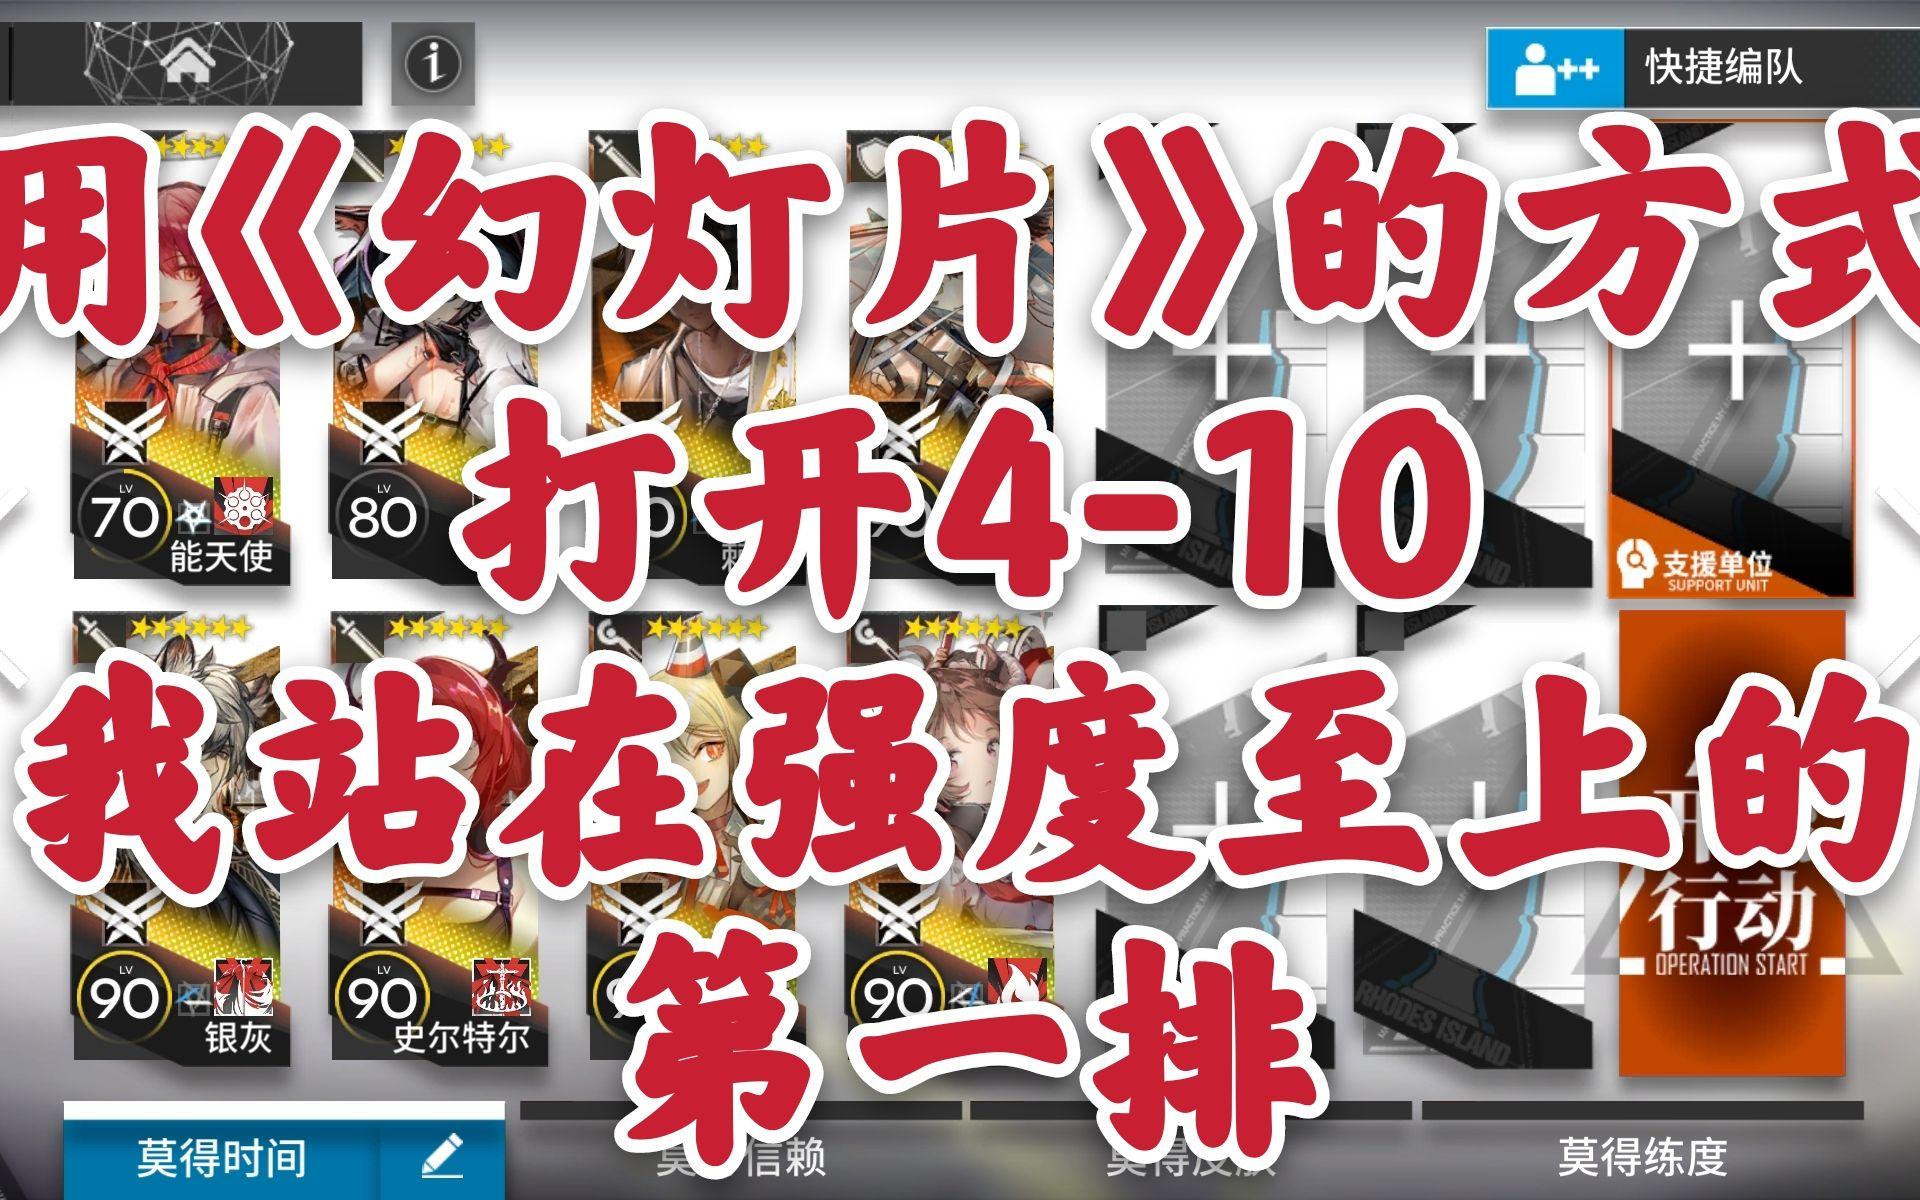 【明日方舟】用拜年纪热曲《幻灯片》的方式打开4-10是什么样? 小绵羊:我A不出来啊!!